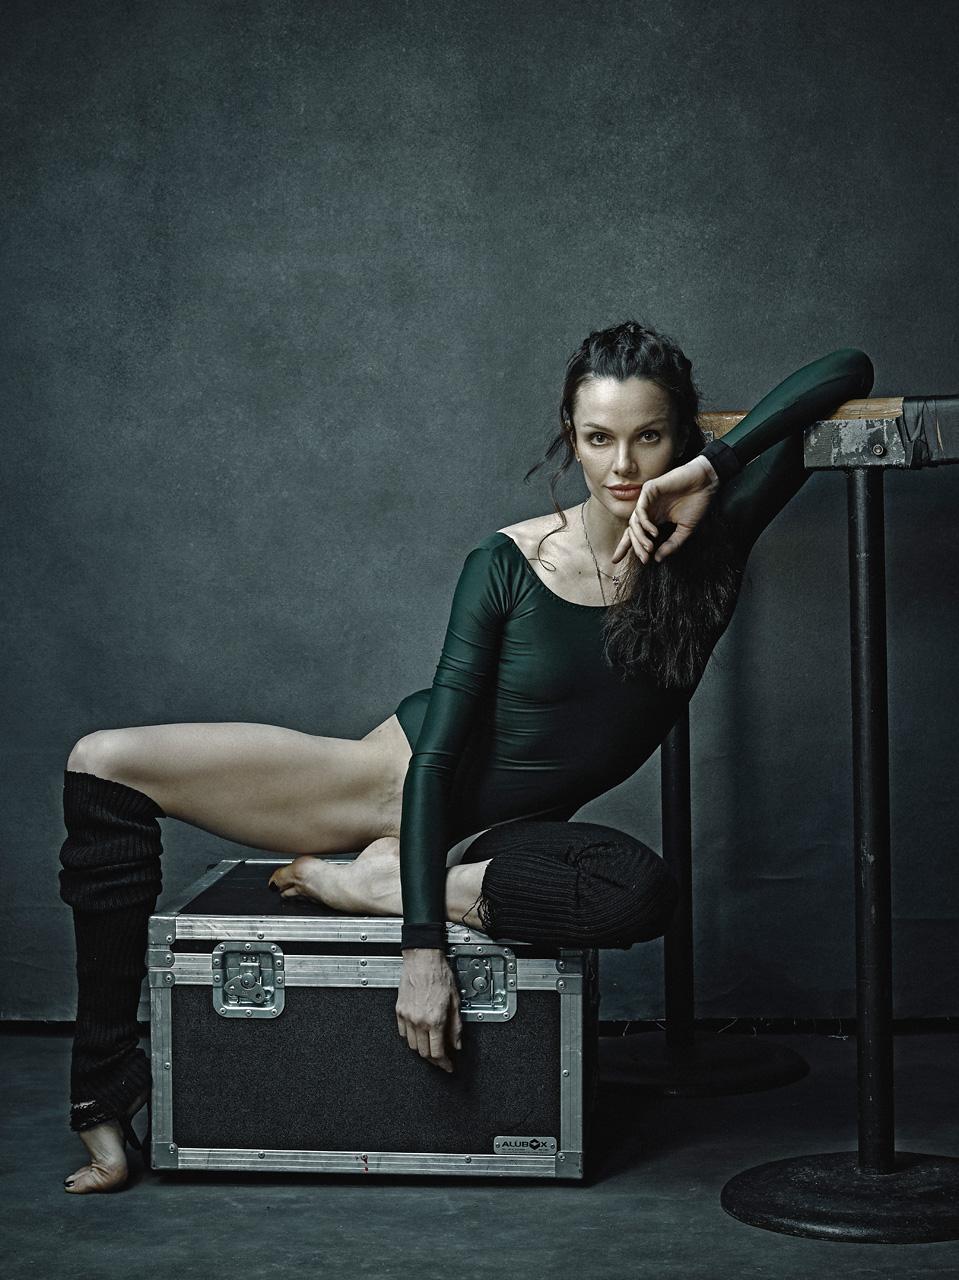 Maria Abashova